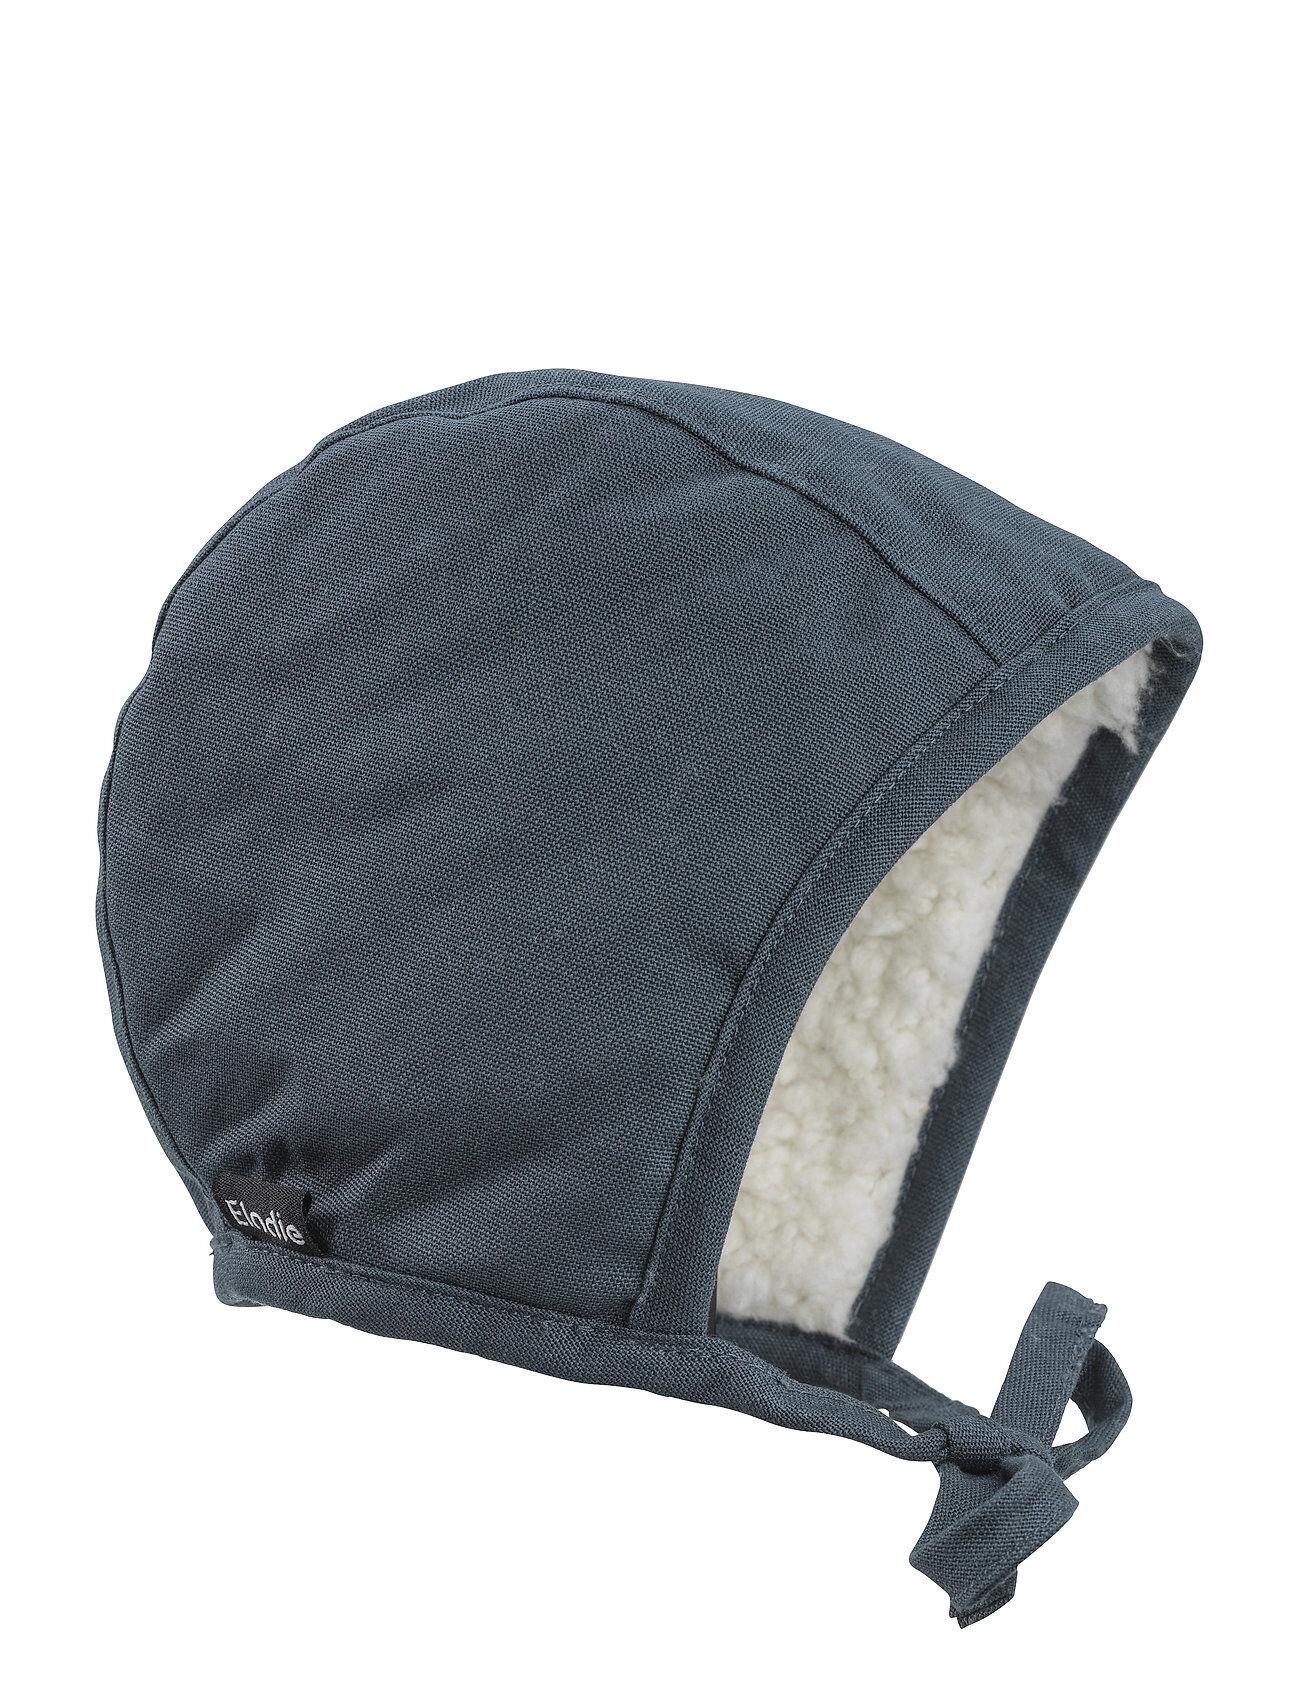 Elodie Details Winter B T - Juniper Blue Accessories Headwear Hats Sininen Elodie Details